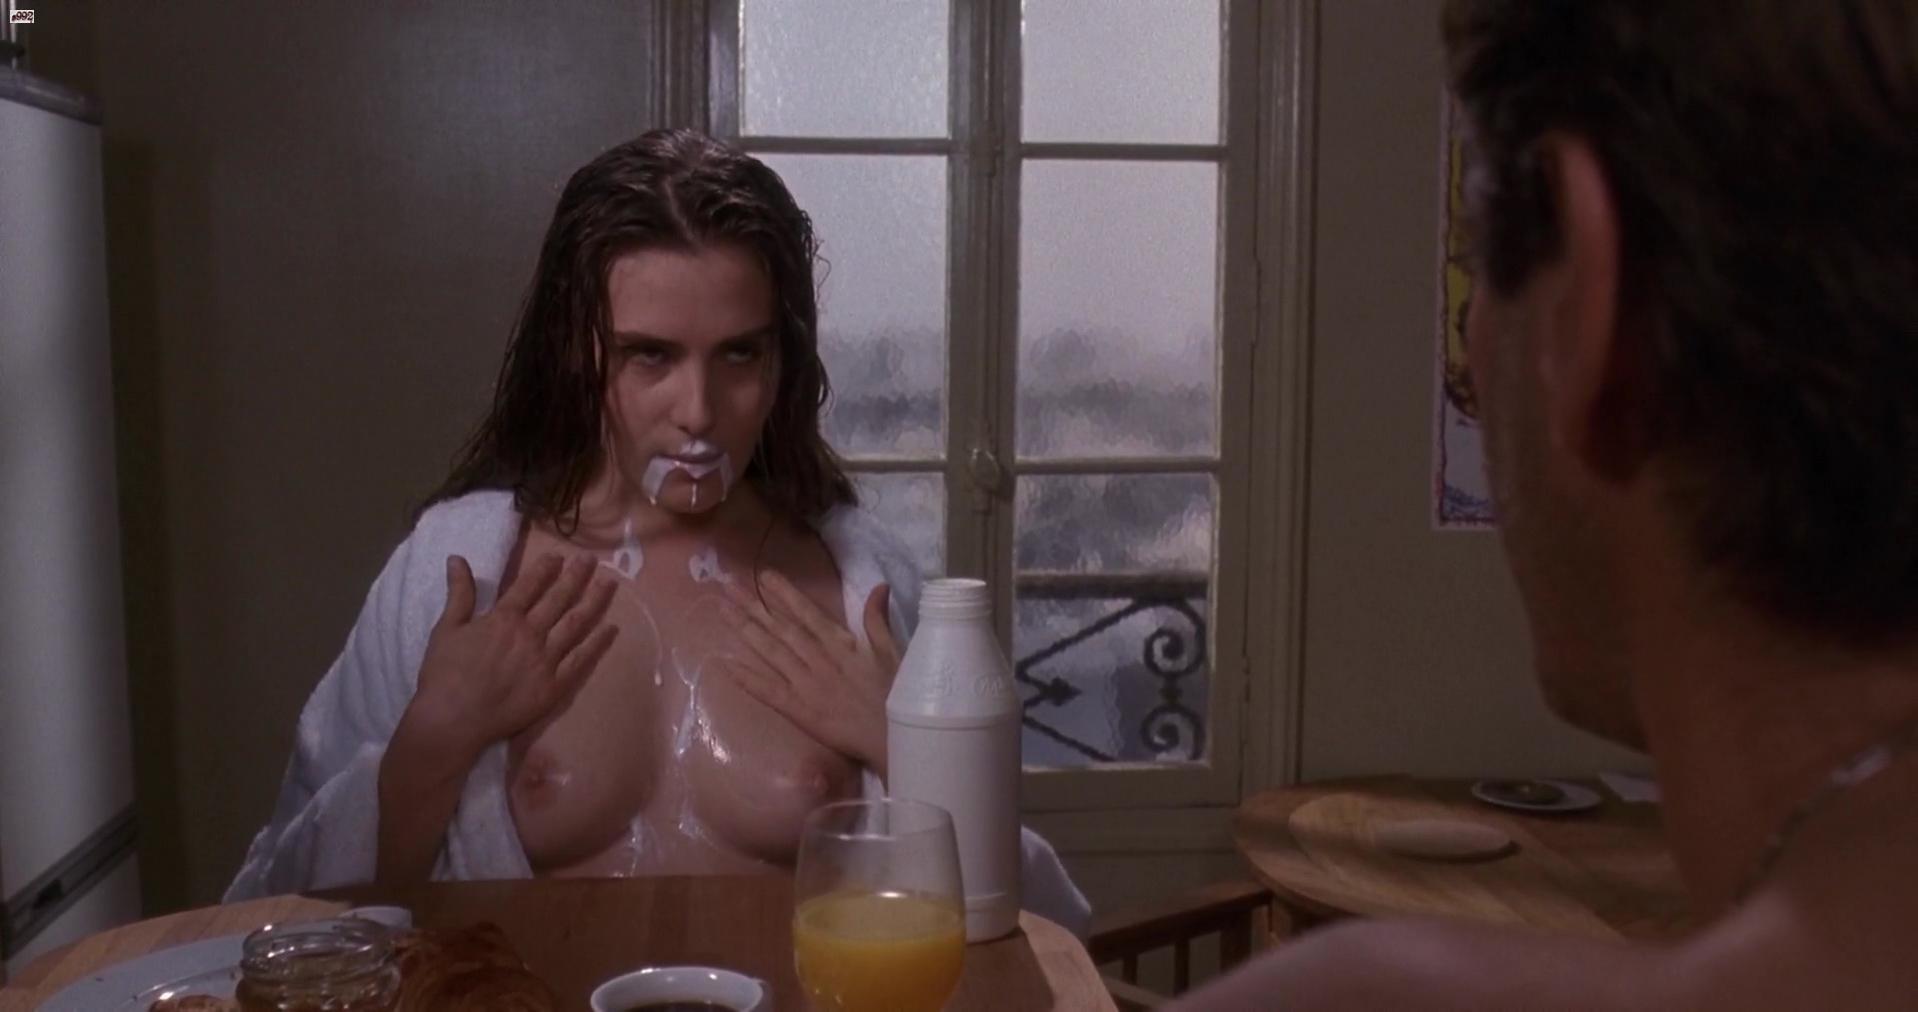 Nude Video Celebs  Emmanuelle Seigner Nude - Bitter Moon-5845